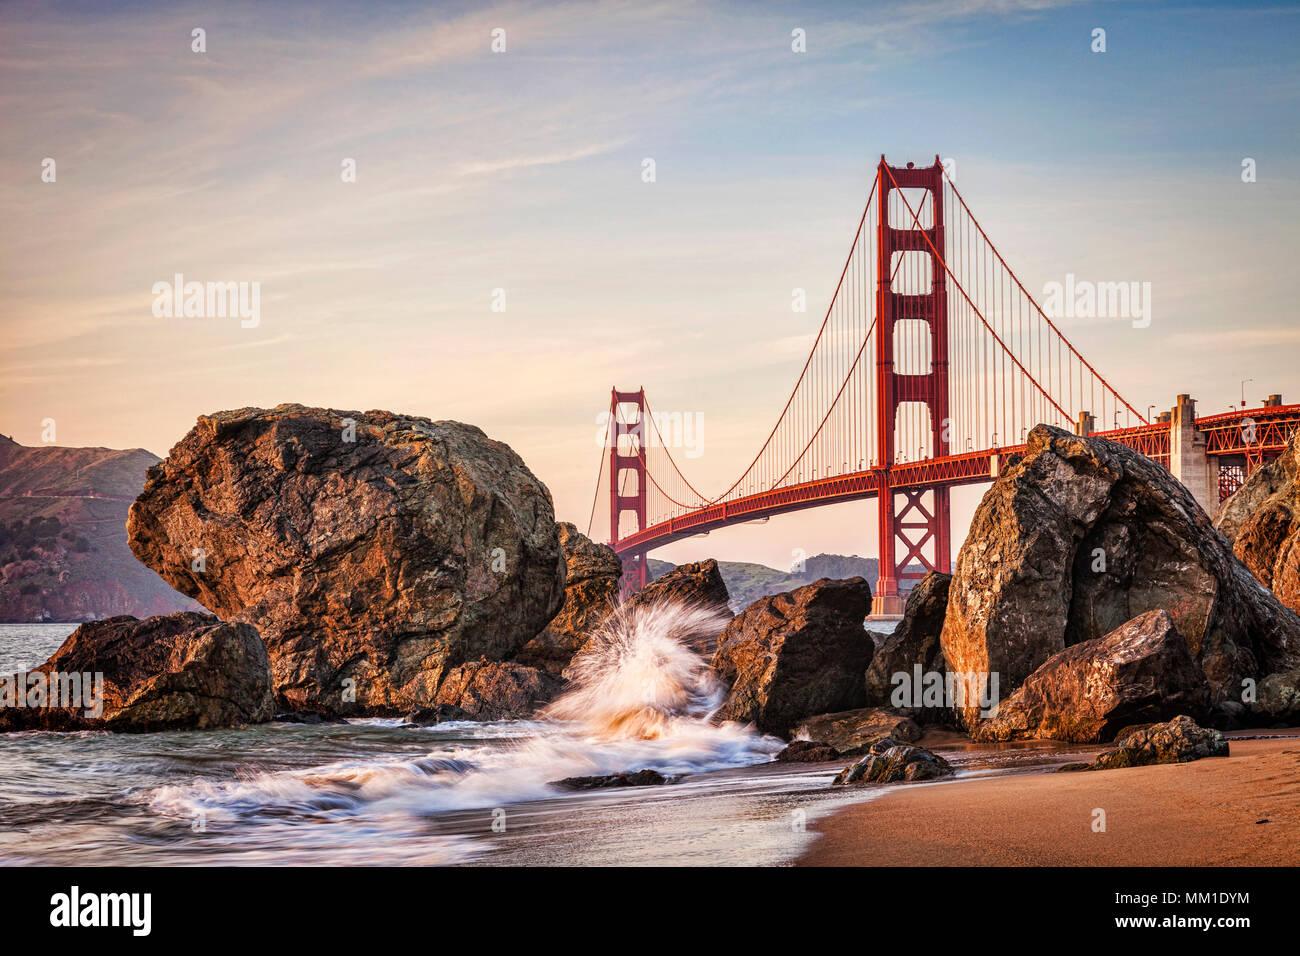 Golden Gate Bridge, San Francisco, et à l'approche du coucher du soleil., avec une vague éclaboussant jusqu'contre des roches. Banque D'Images